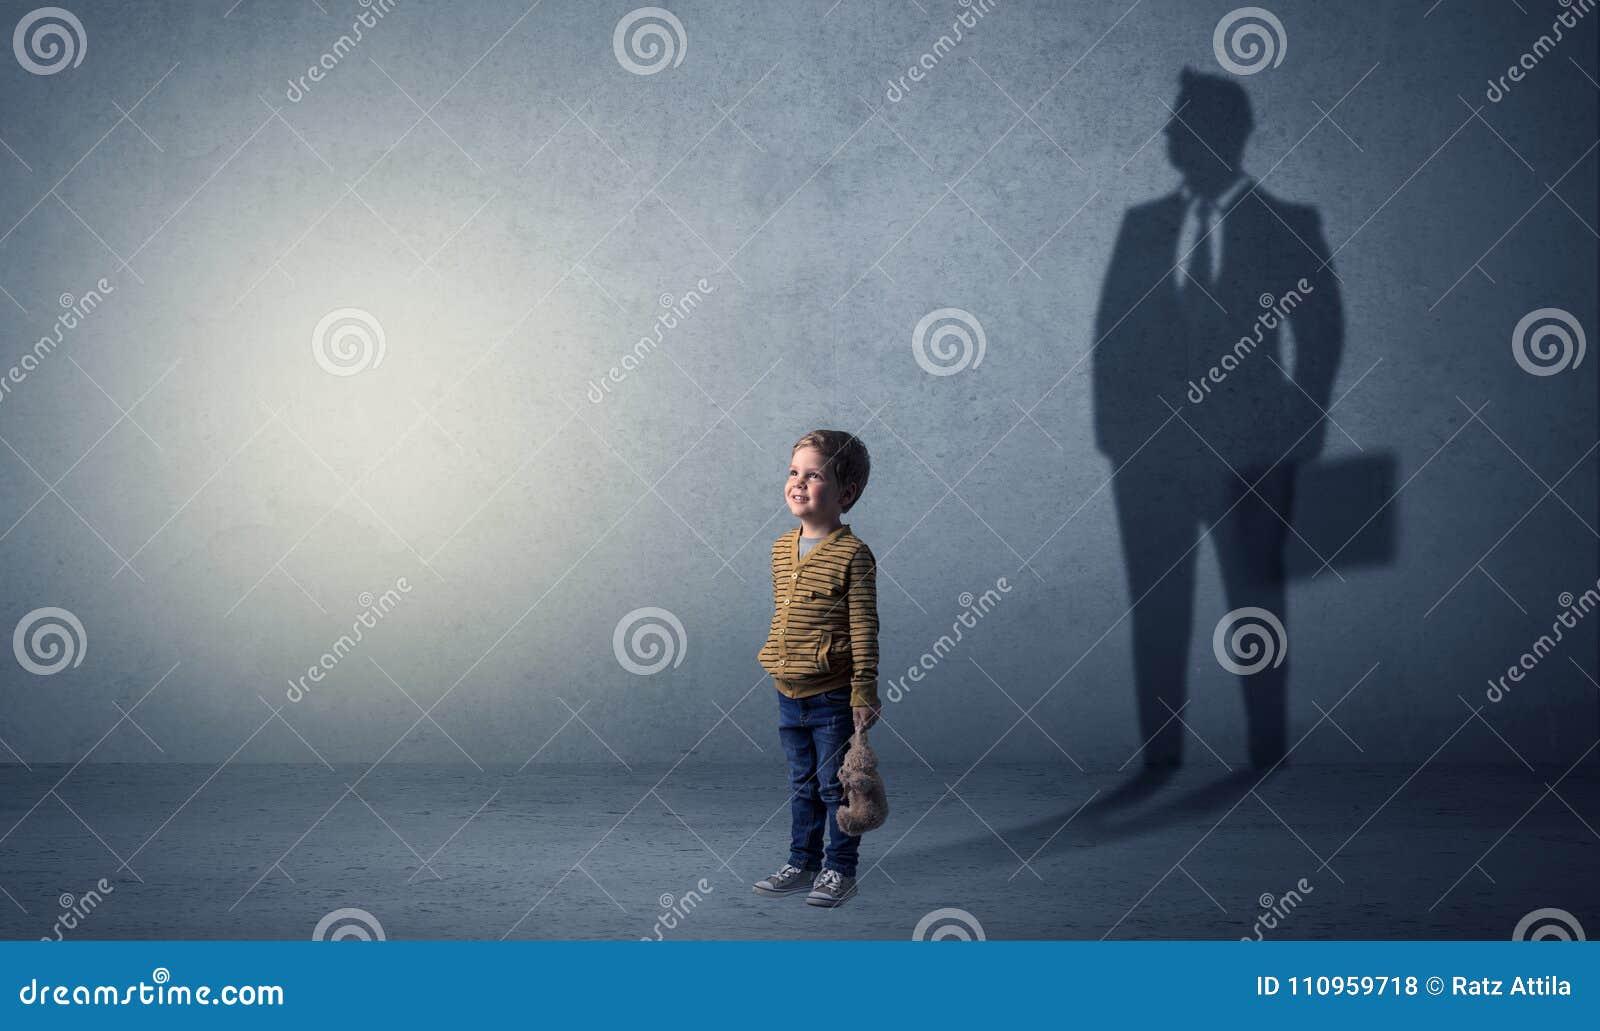 6a1e810b848 El niño pequeño se imagina que él será hombre de negocios e ilustración de  su futuro en una sombra grande